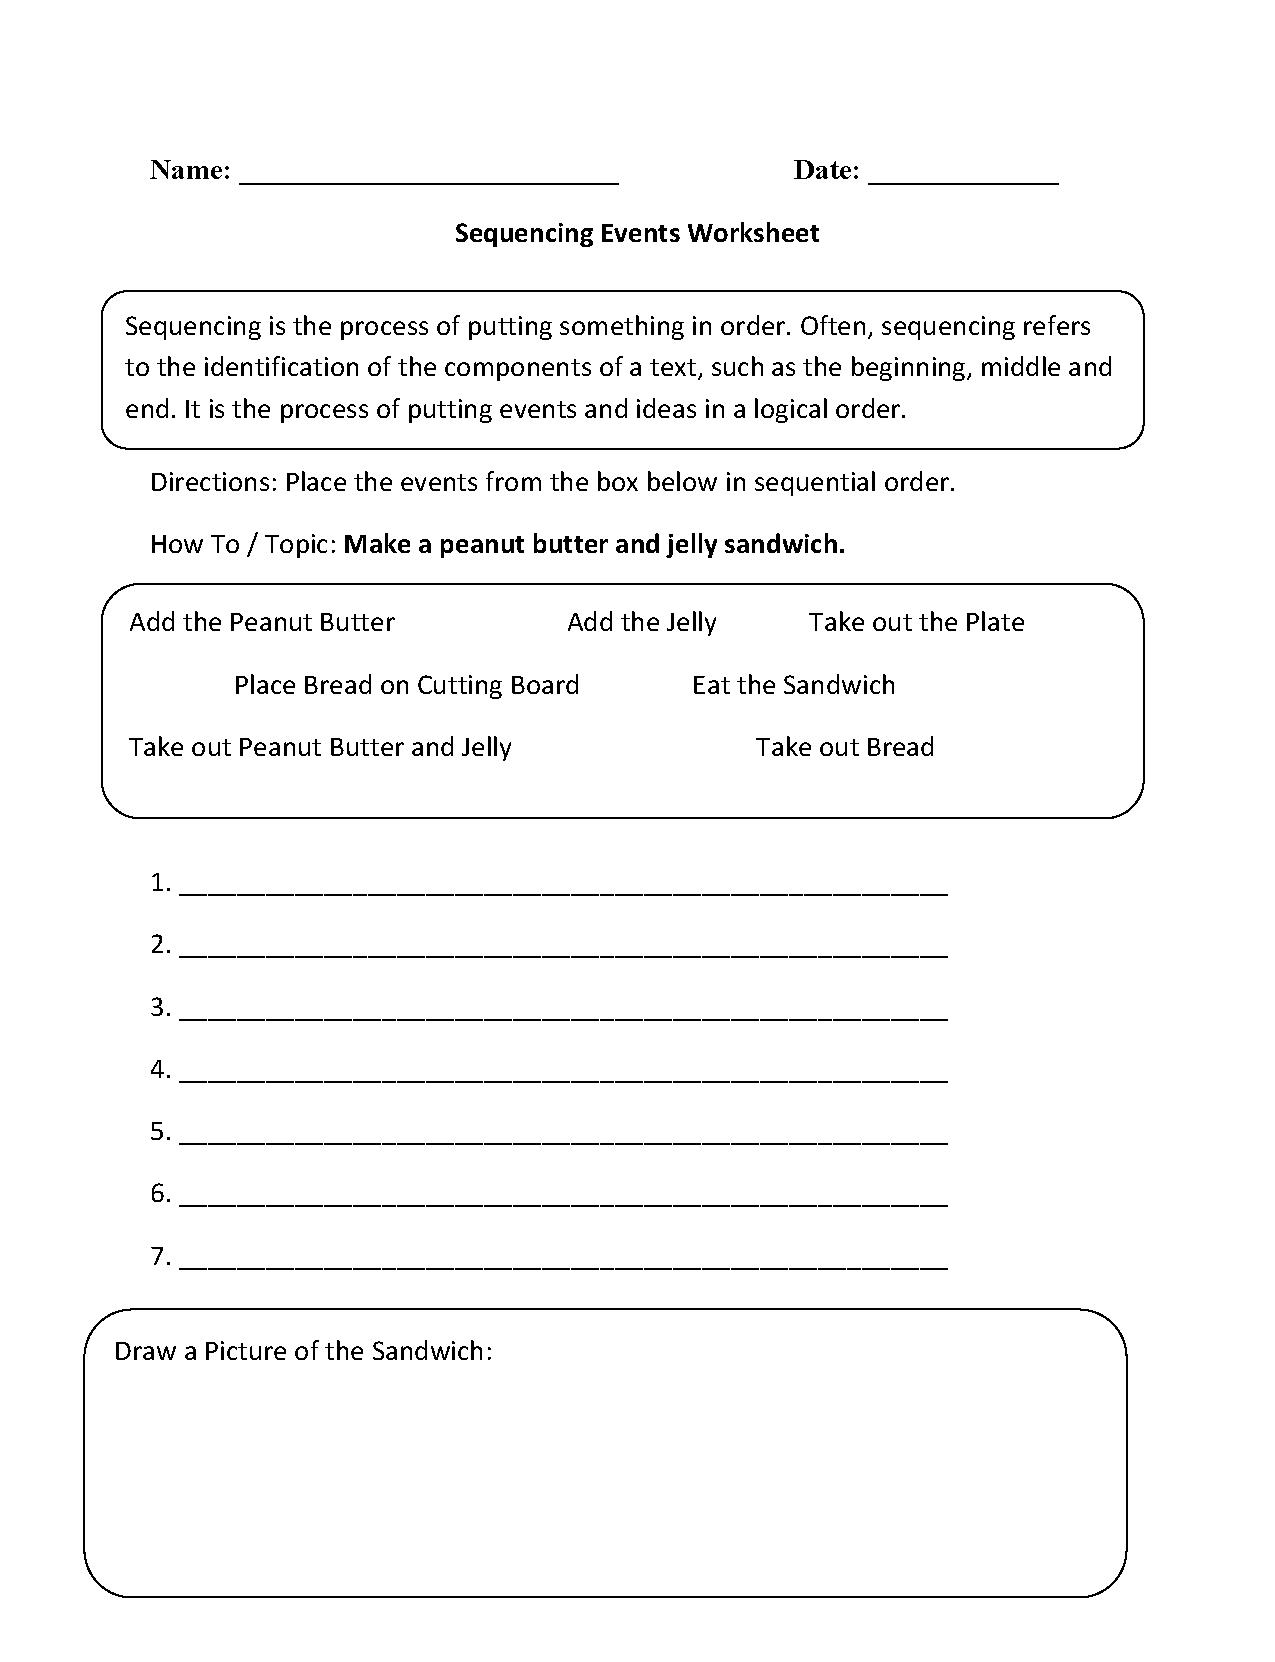 Worksheet. Sequencing Worksheets 2Nd Grade. Worksheet Fun Worksheet - Free Printable Sequencing Worksheets 2Nd Grade